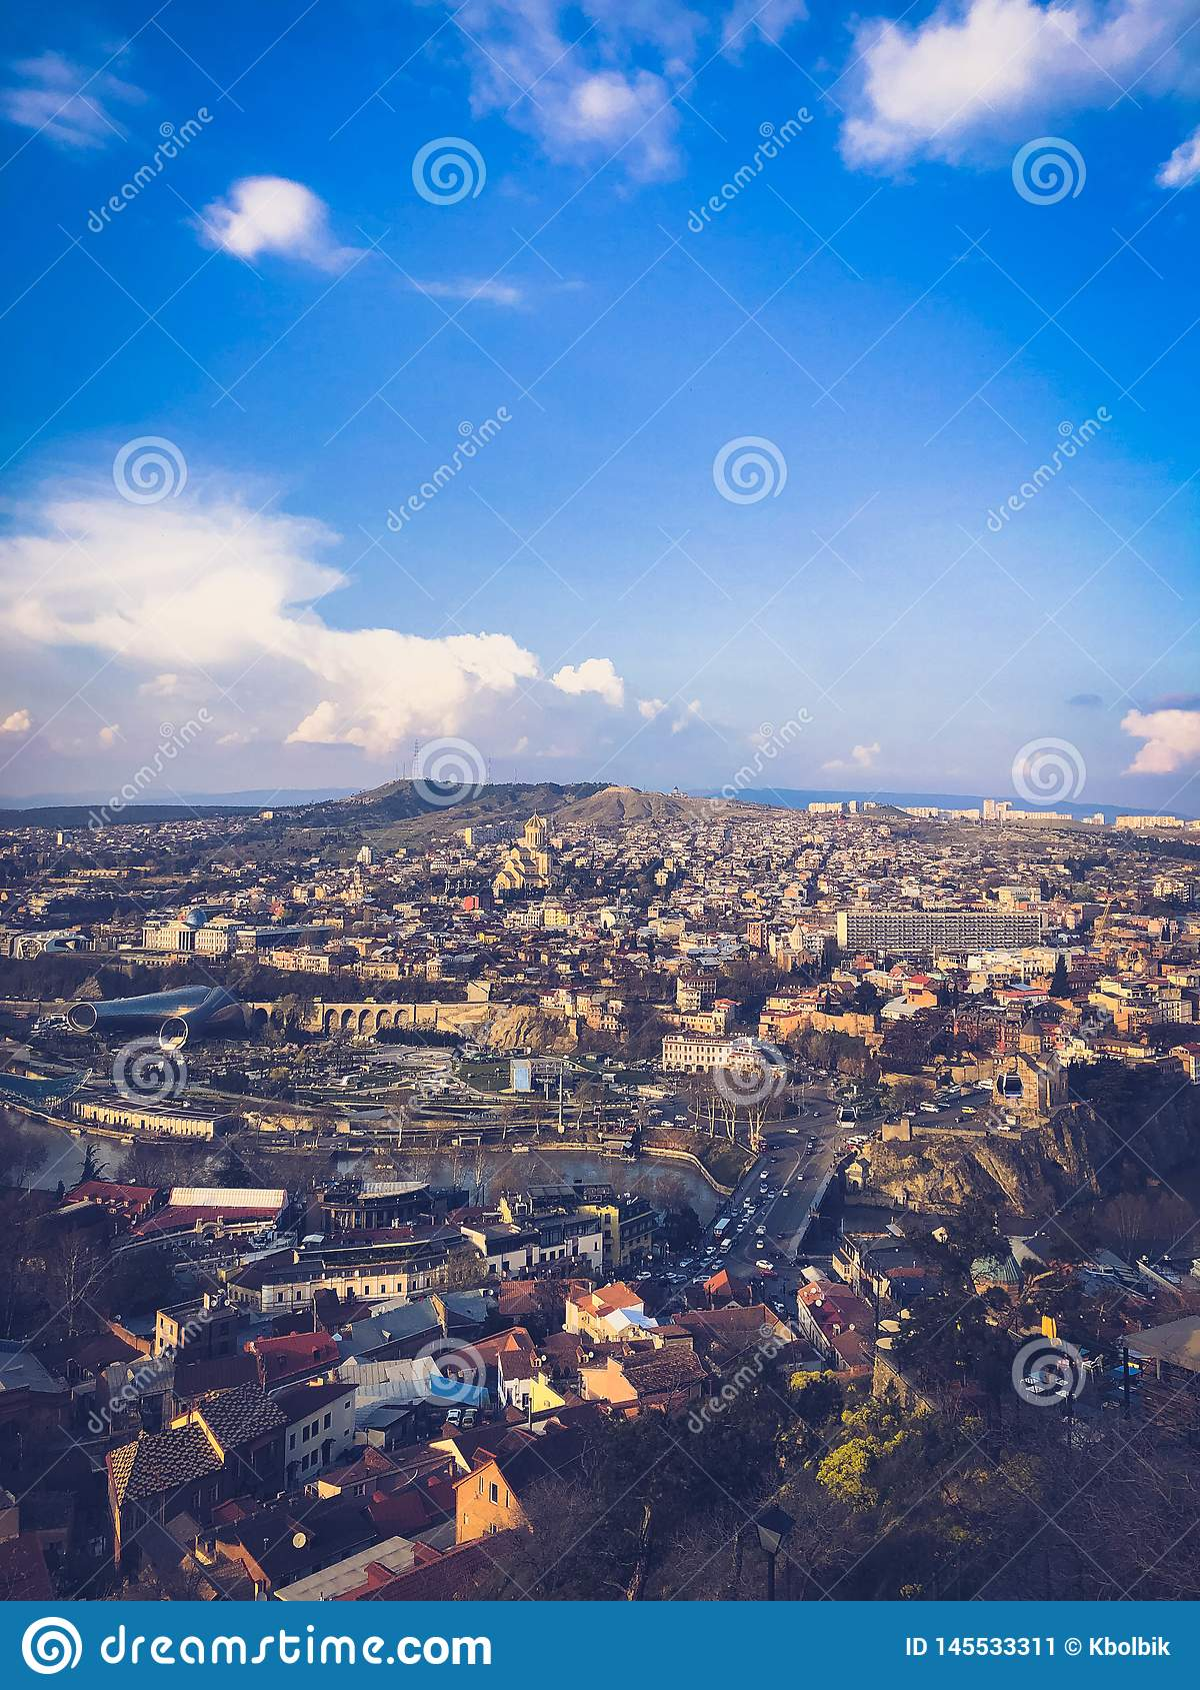 Vertikale Ansicht von der Spitze von einer H?he einer sch?nen touristischen Stadt mit Geb?uden und H?usern, der D?cher der B?ume